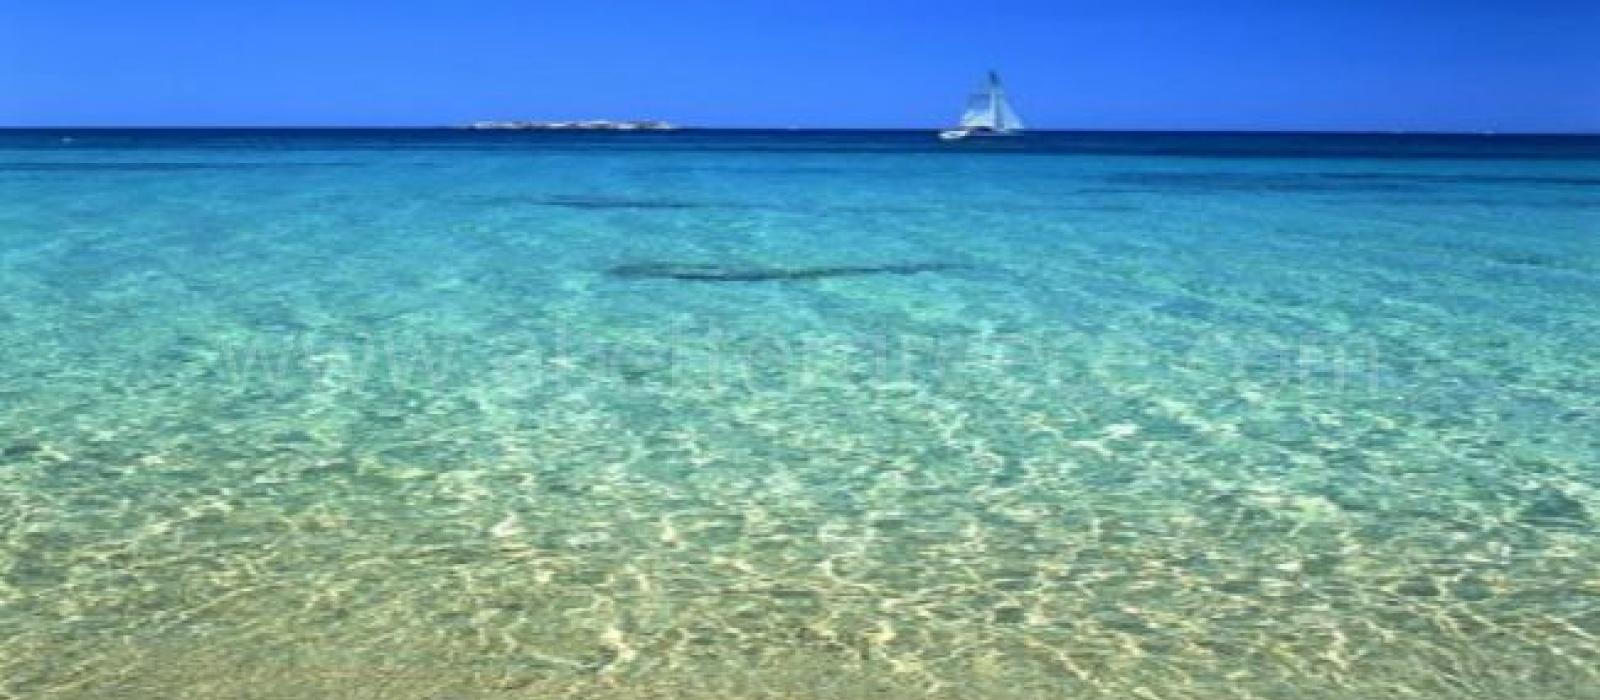 5 Bedrooms, Villa, Vacation Rental, 4 Bathrooms, Listing ID 1002, Paros, Greece,